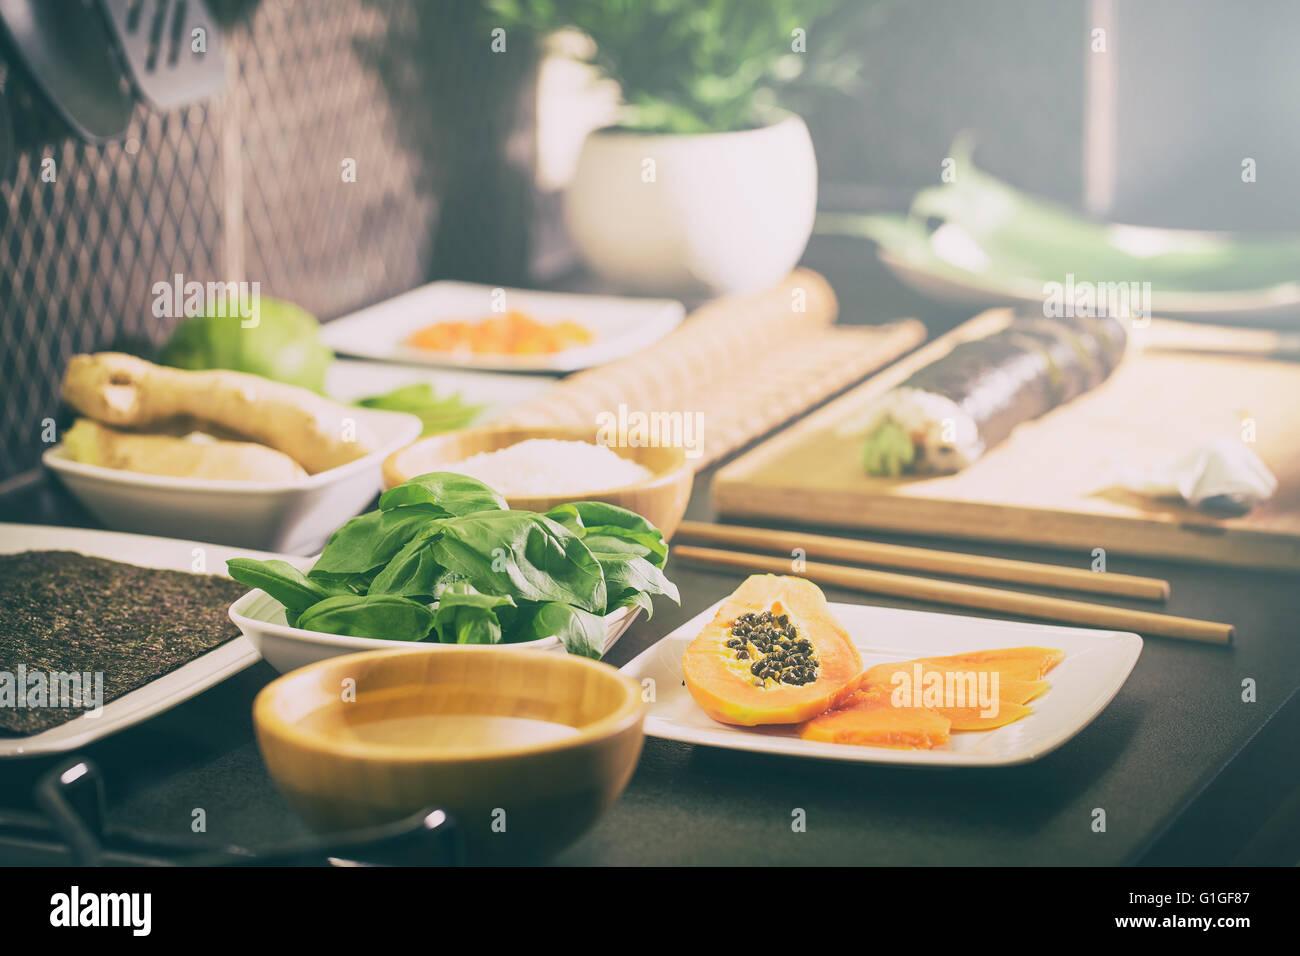 Sushi Rollen Verfahren zur Herstellung von rohen Makki frische Meeresfrüchte Susi - stock Bild Stockbild